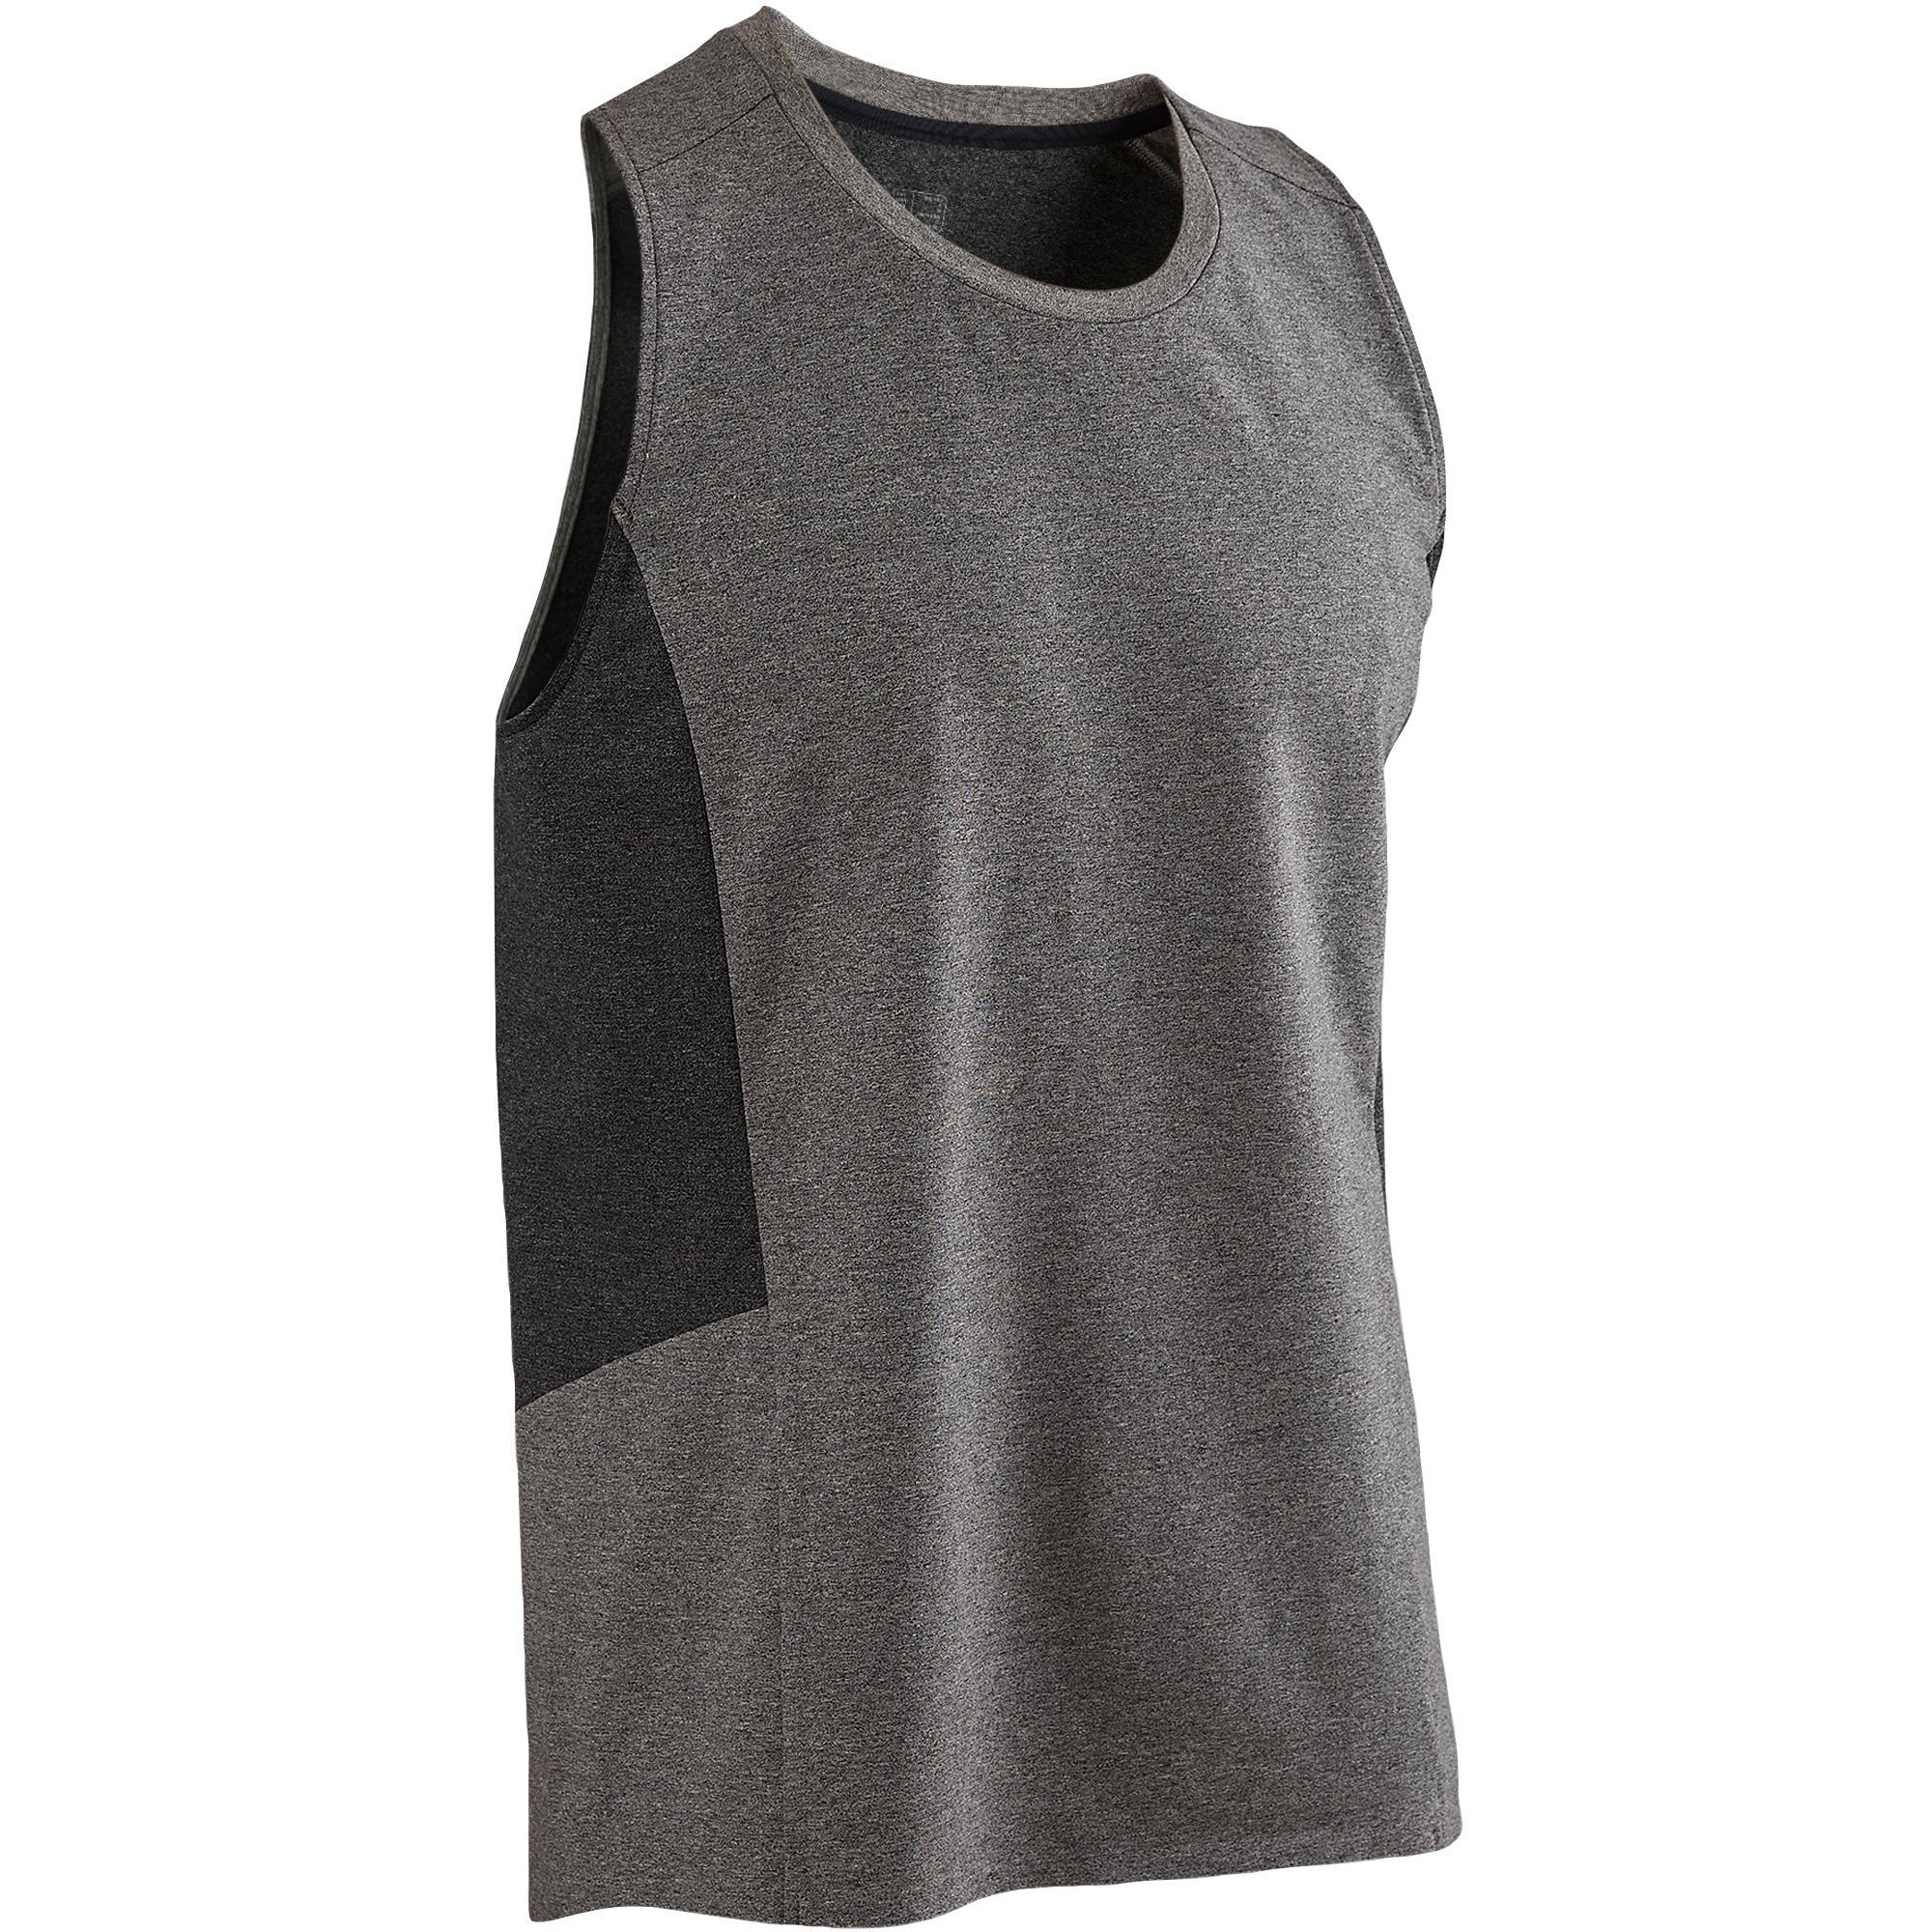 Domyos Mouwloos shirt 560 pilates en lichte gym heren lichtgrijs